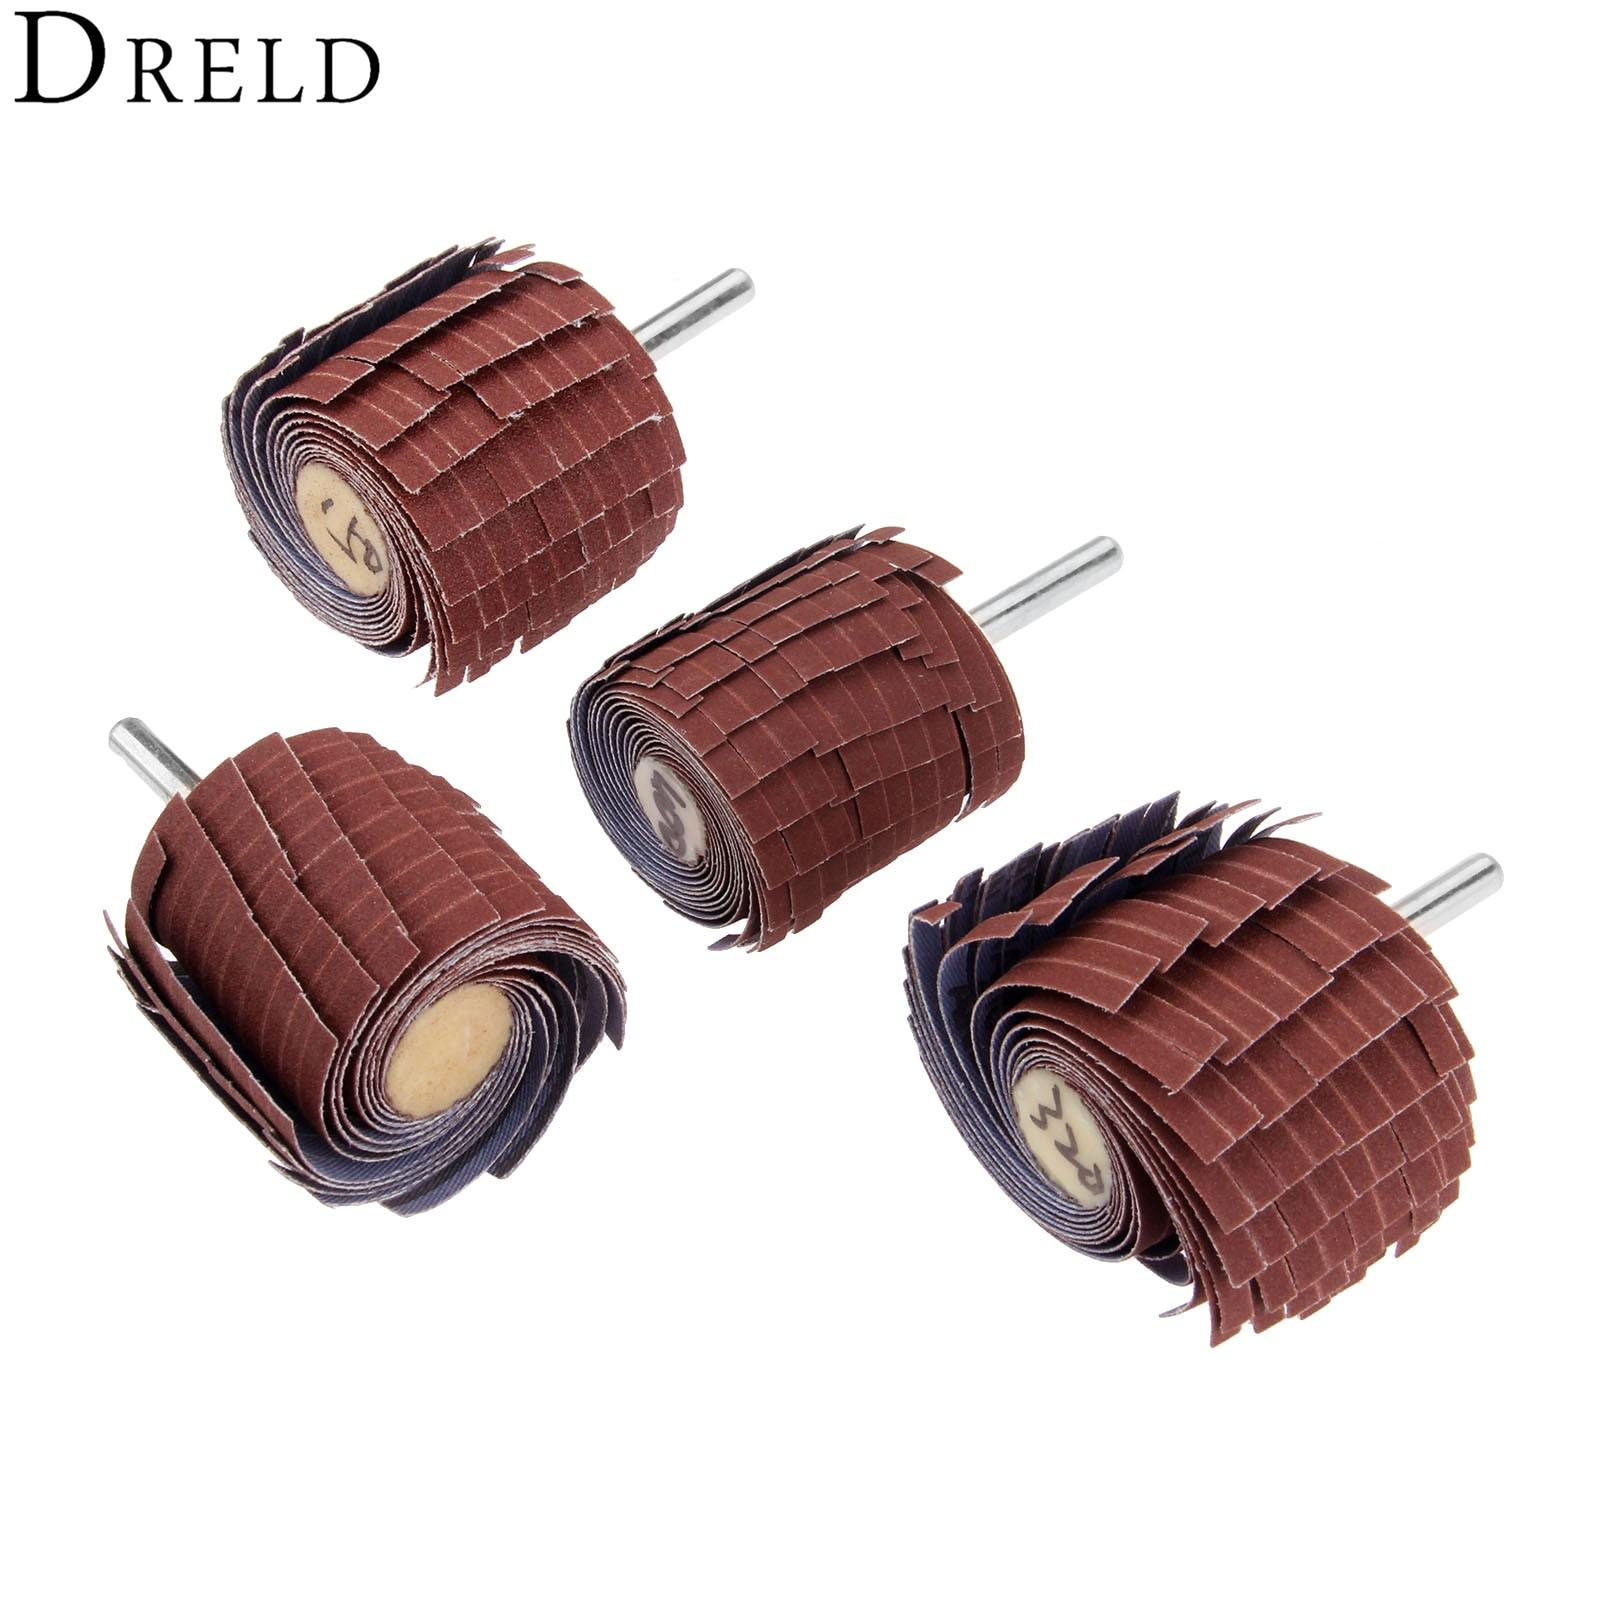 DRELD 1Pc Dremel Accessories 150-400 Grit Sanding Flap Wheel 6mm Shank Sanding Grinding Sand Paper Shutter Wheel For Rotary Tool